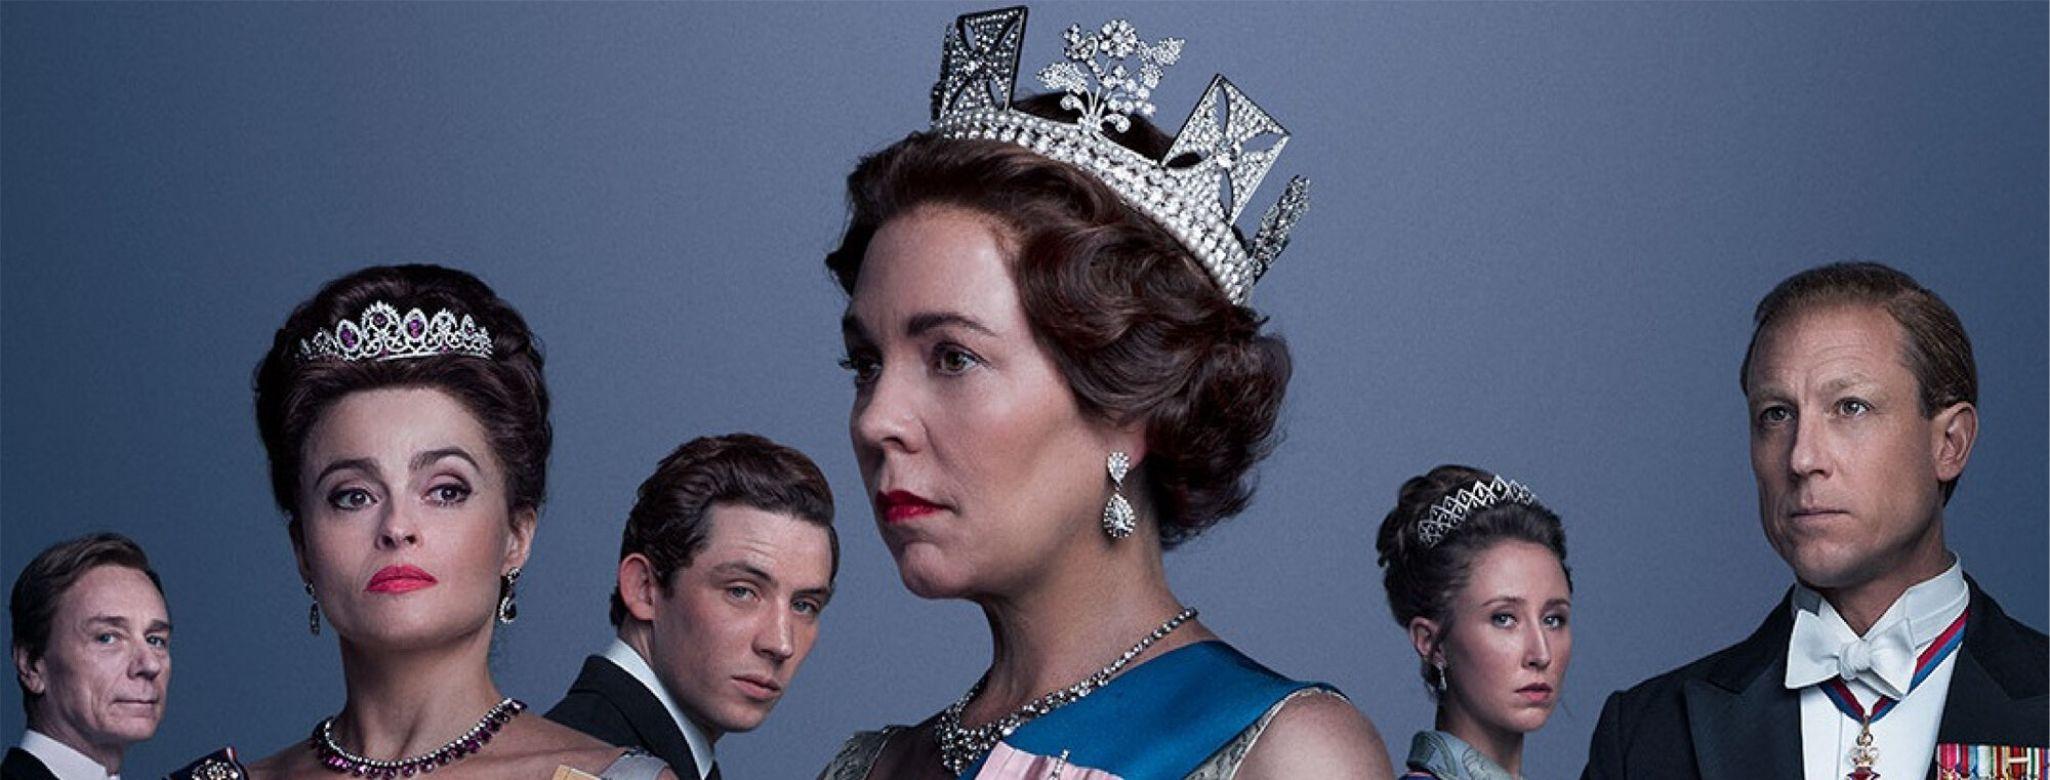 The Crown - ami a történet mögött van